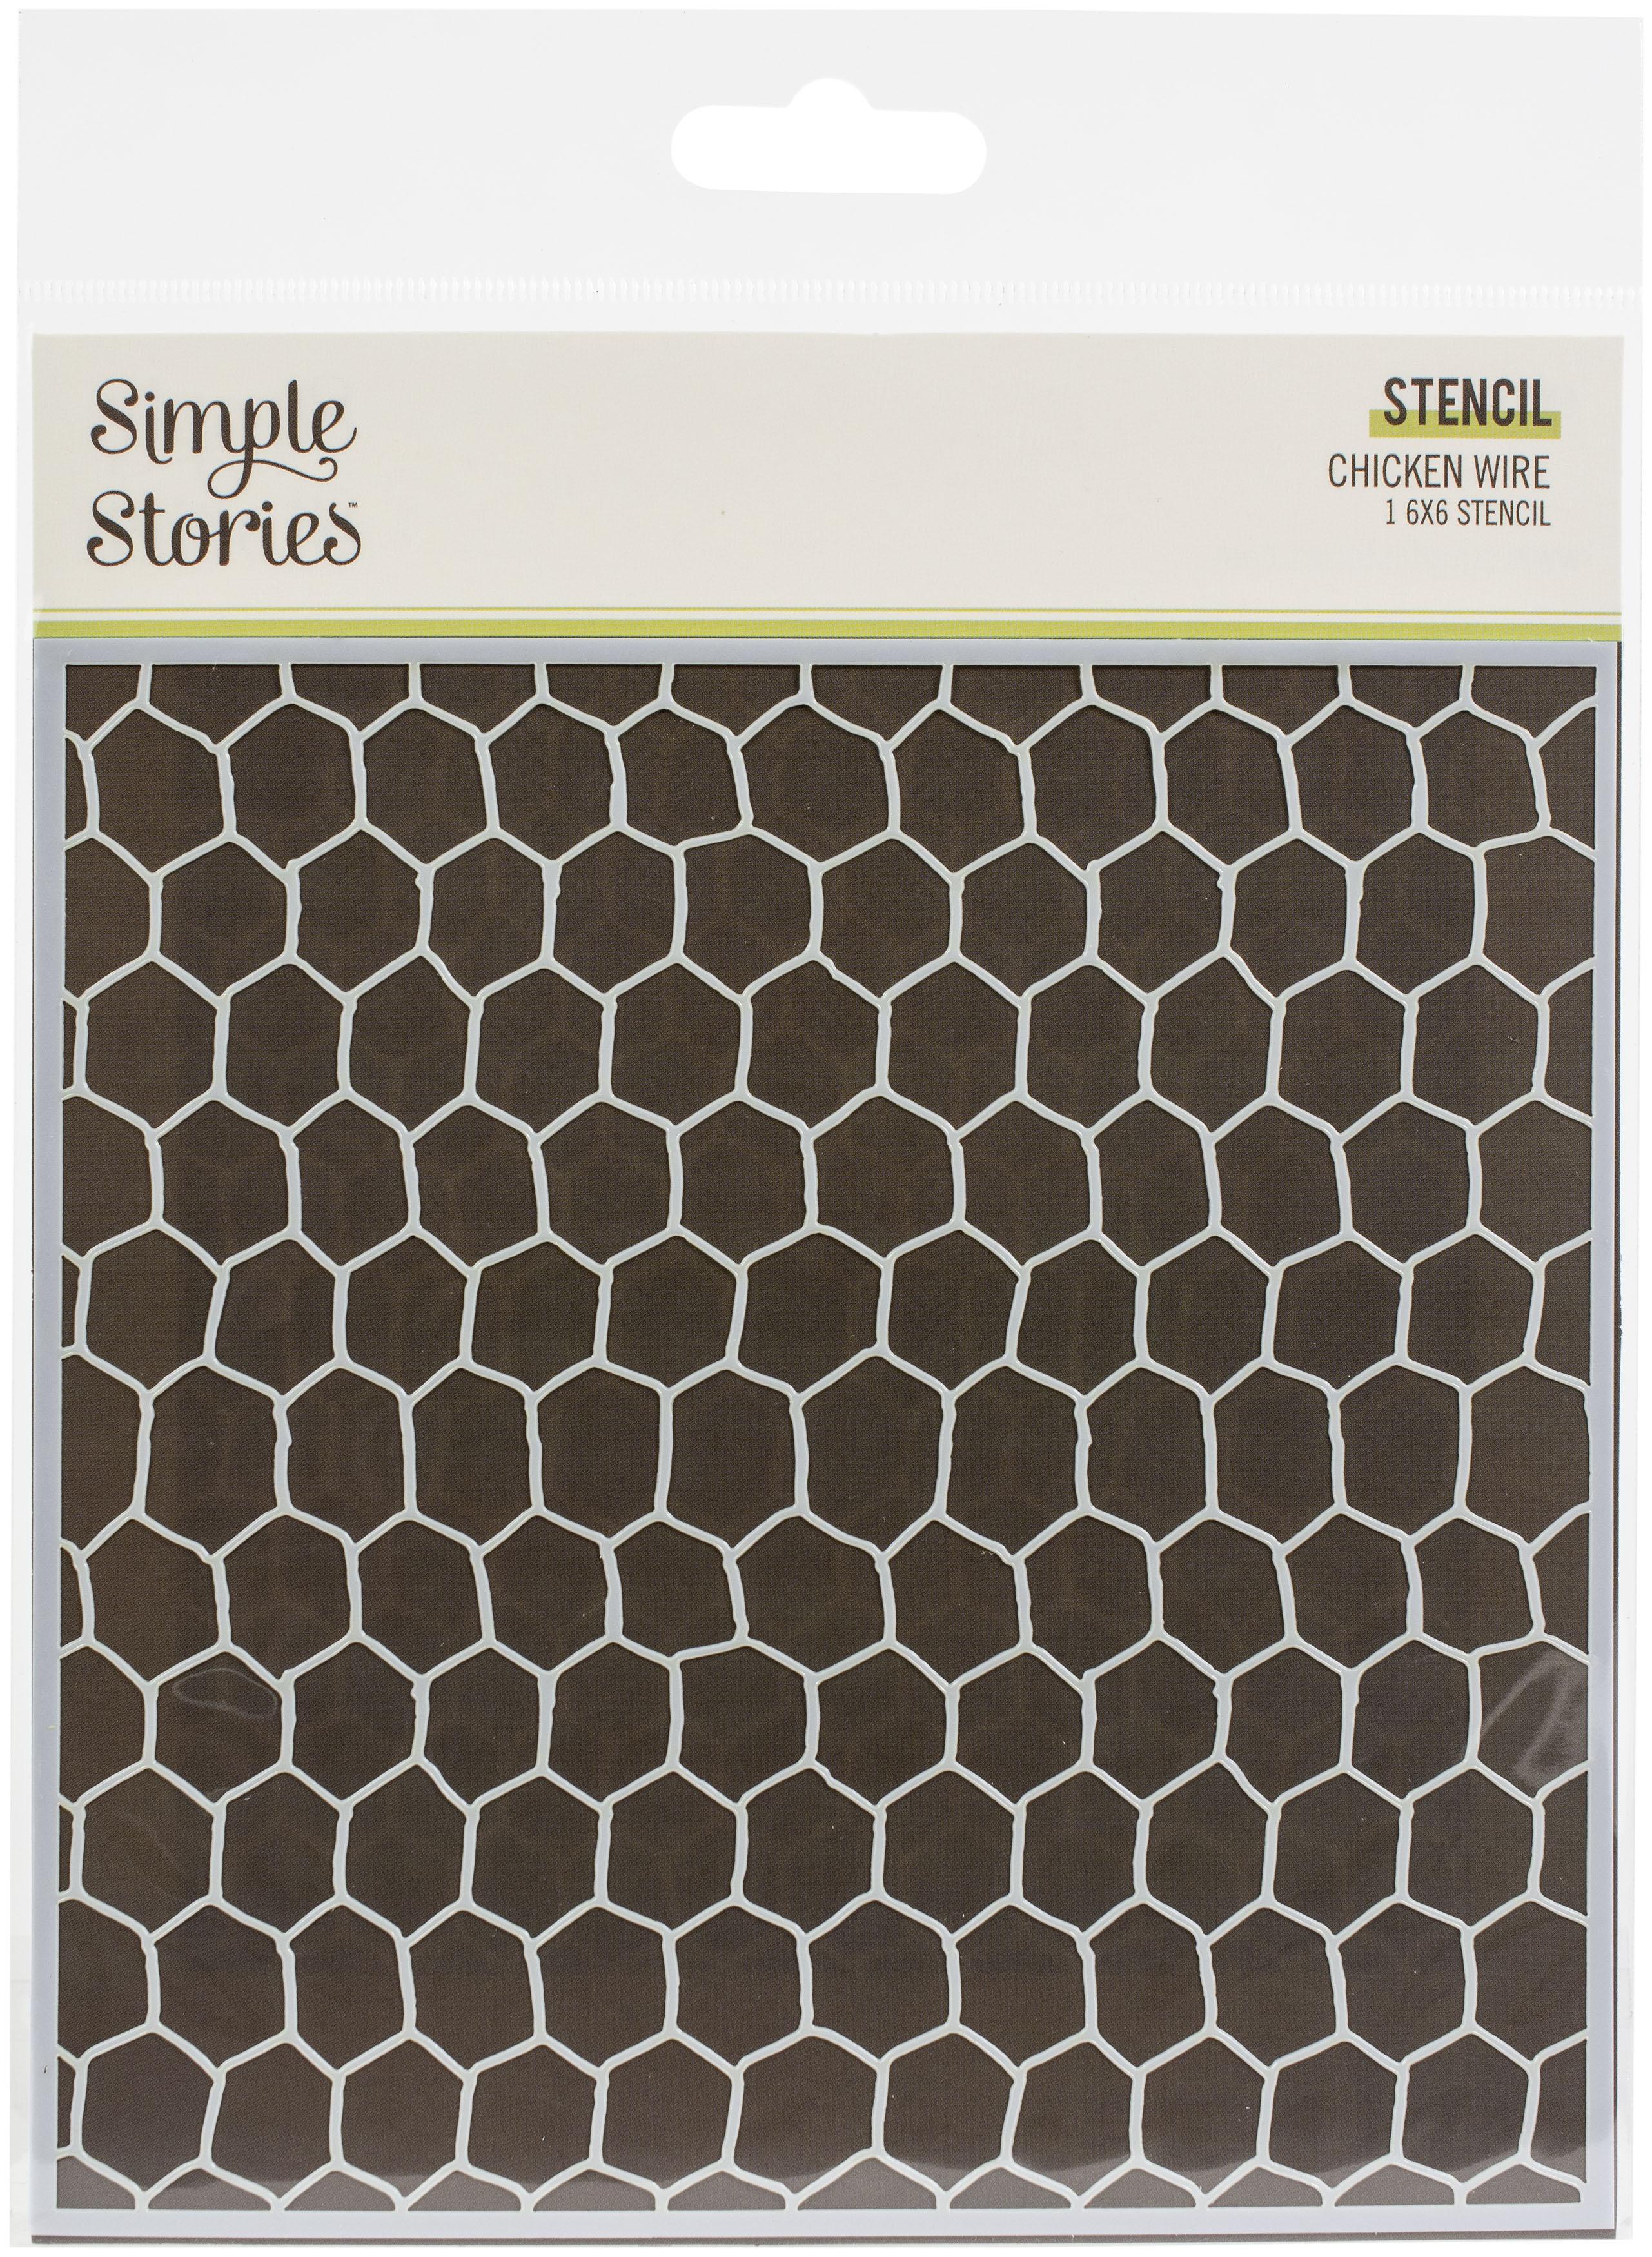 Simple Stories Simple Vintage Farmhouse Garden Stencil 6X6-Chicken Wire